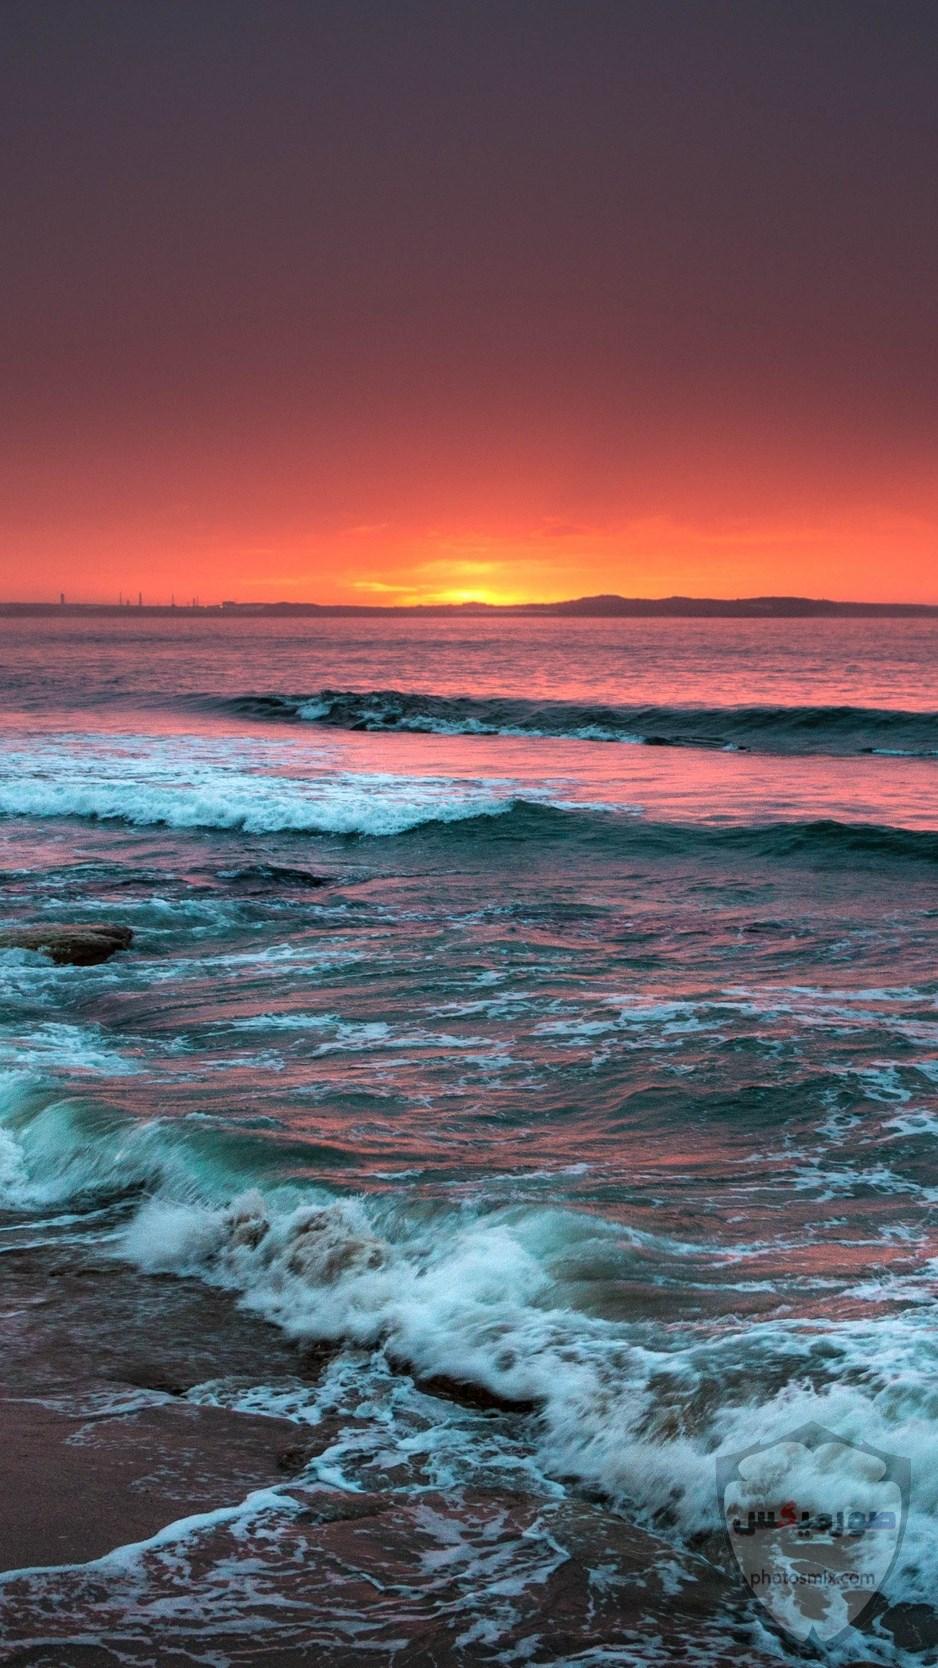 صور بحر وشاطئ صور وخلفيات بحور وشواطئ جميلة اجمل خلفيات بحار جودة عالية 27